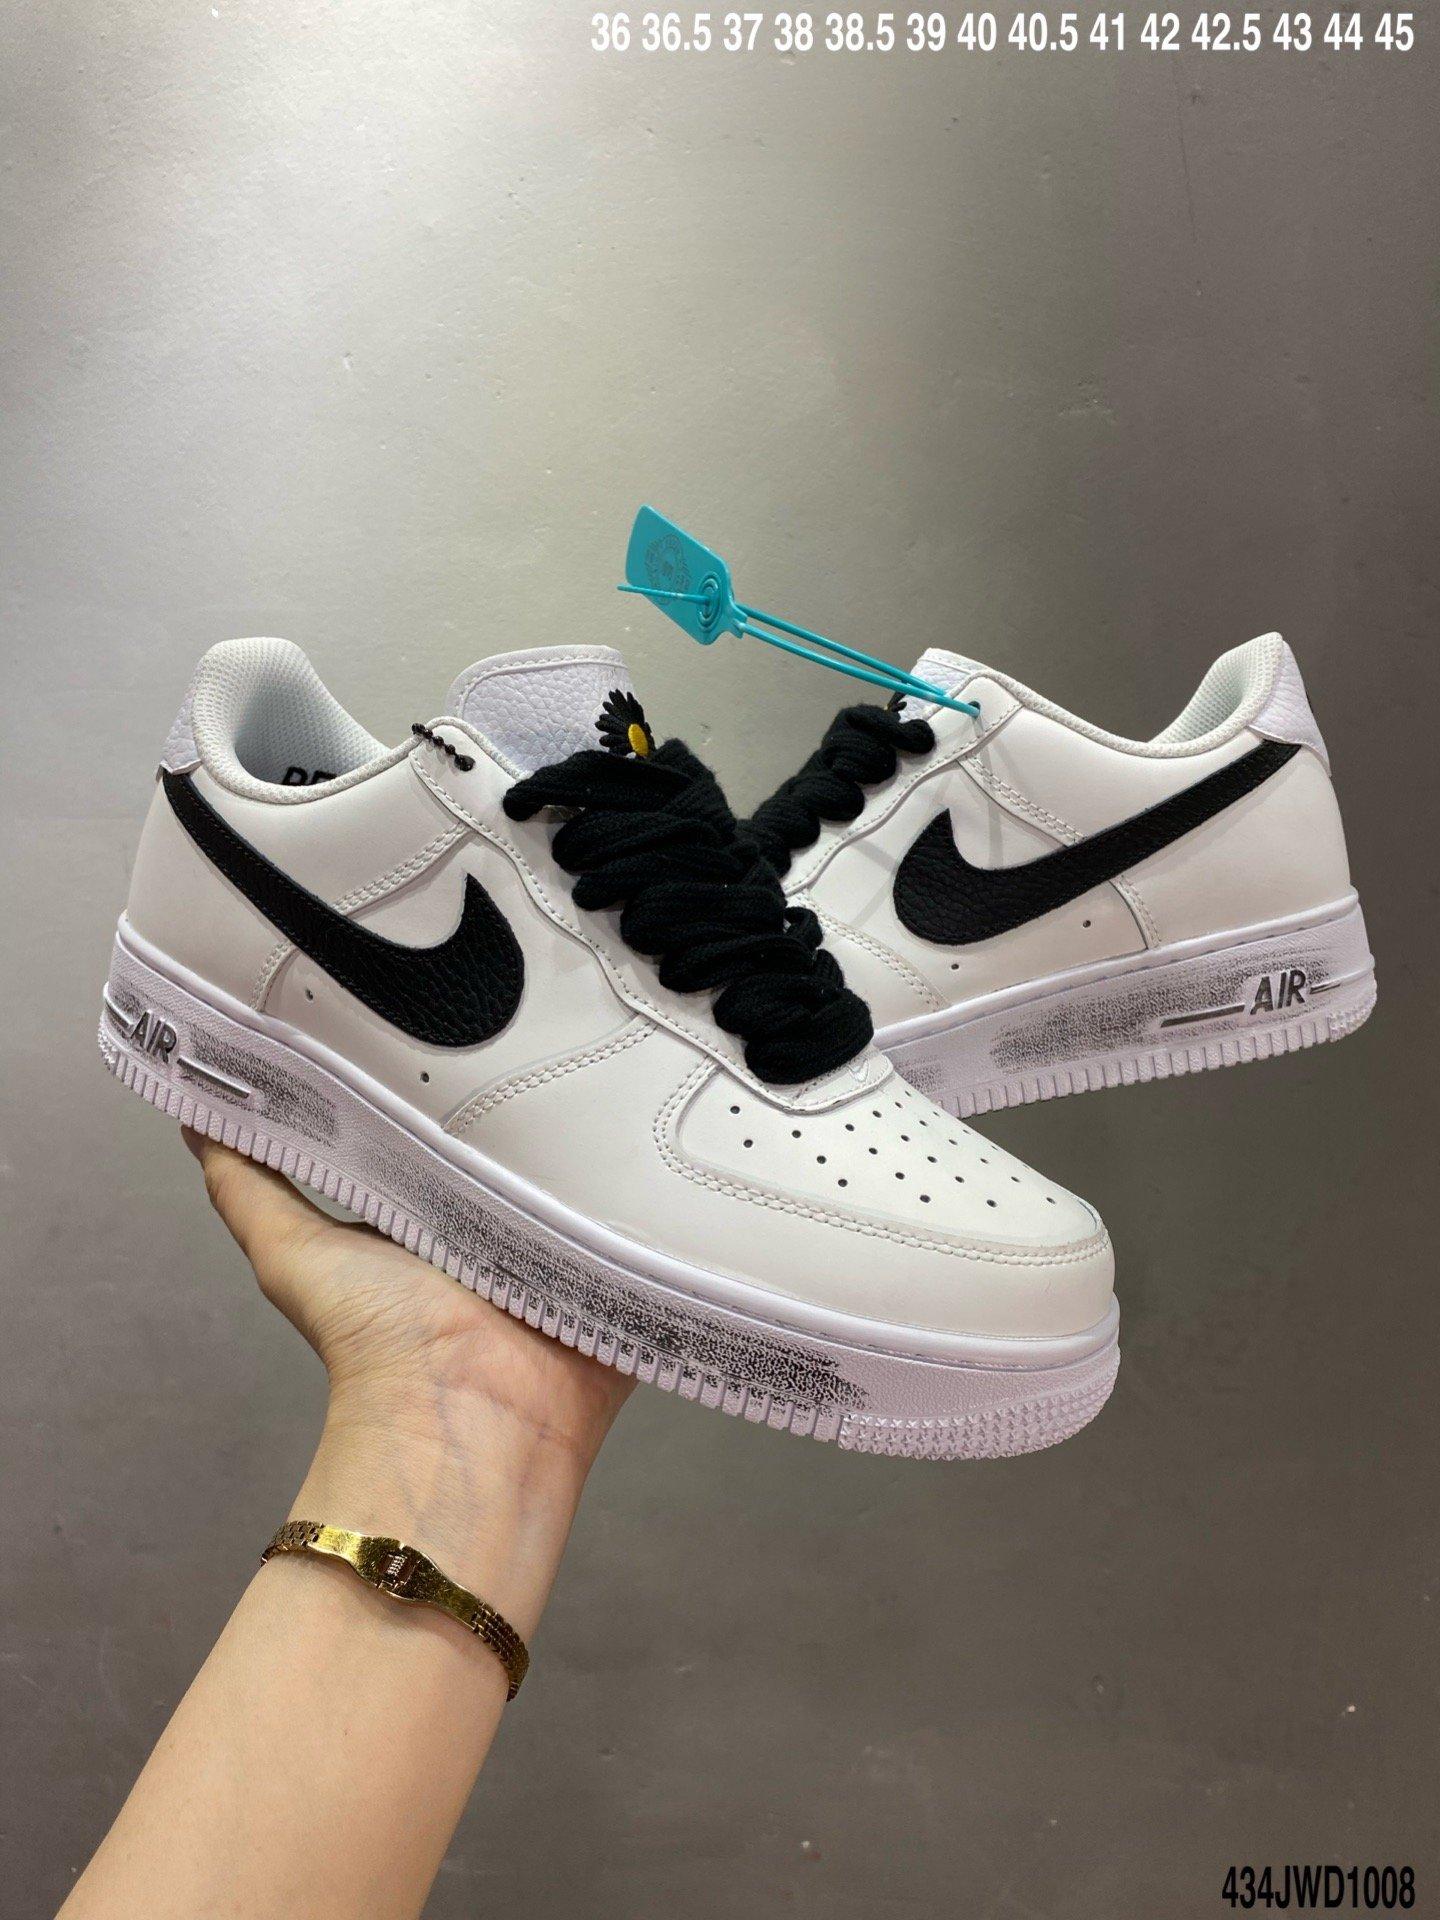 皮革白黑小雏菊, 板鞋, Nike Air Force 1, Nike Air, G-Dragon, Air Force 1